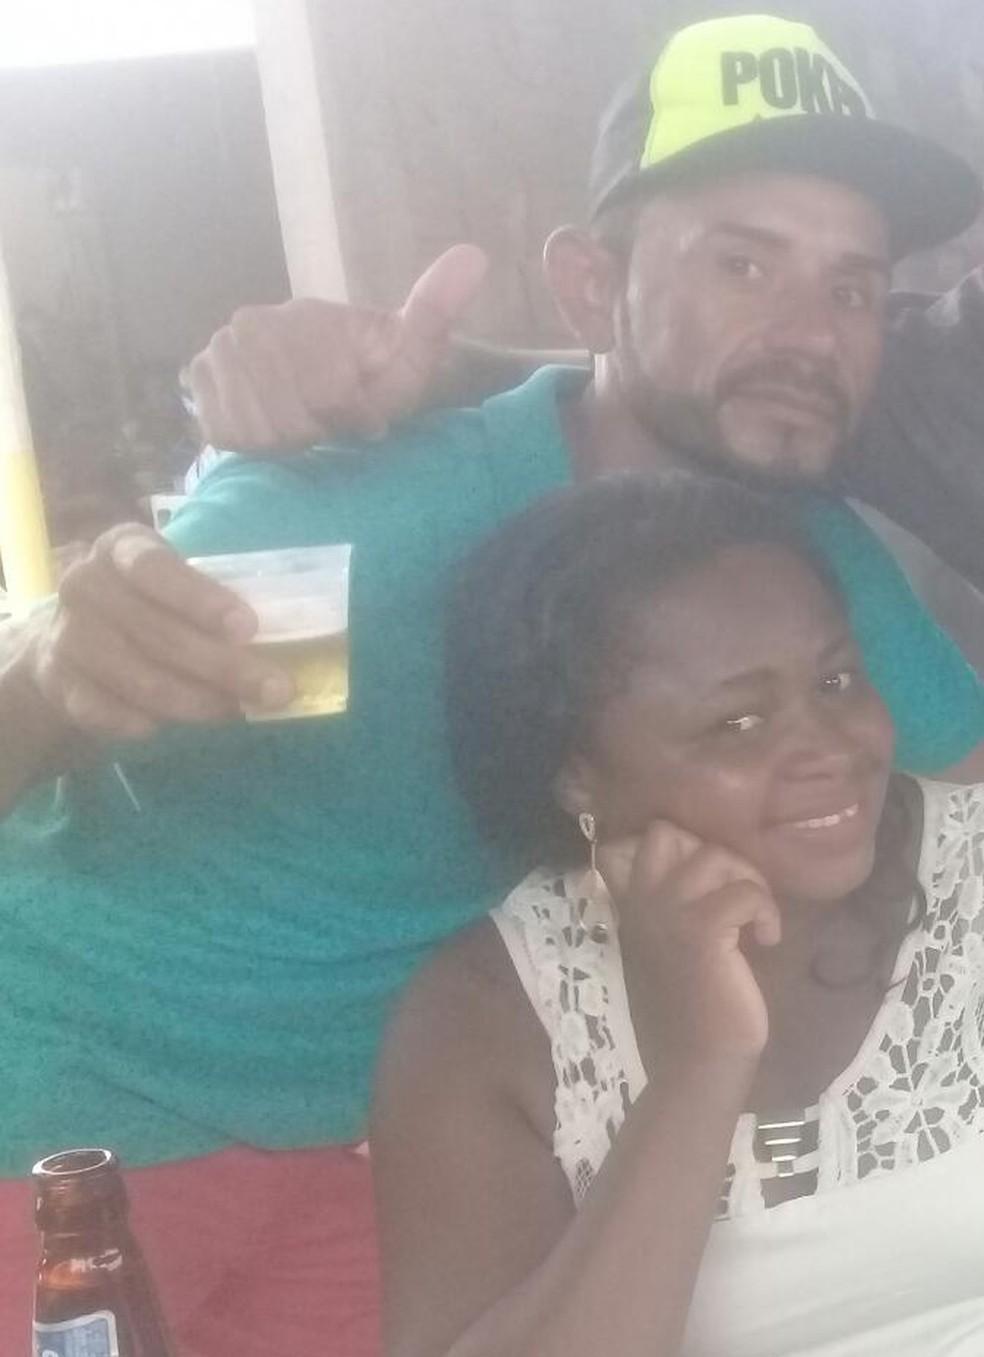 Concilma e Francisco tinham um relacionamento conturbado, segundo a polícia (Foto: Divulgação/Polícia Civil)